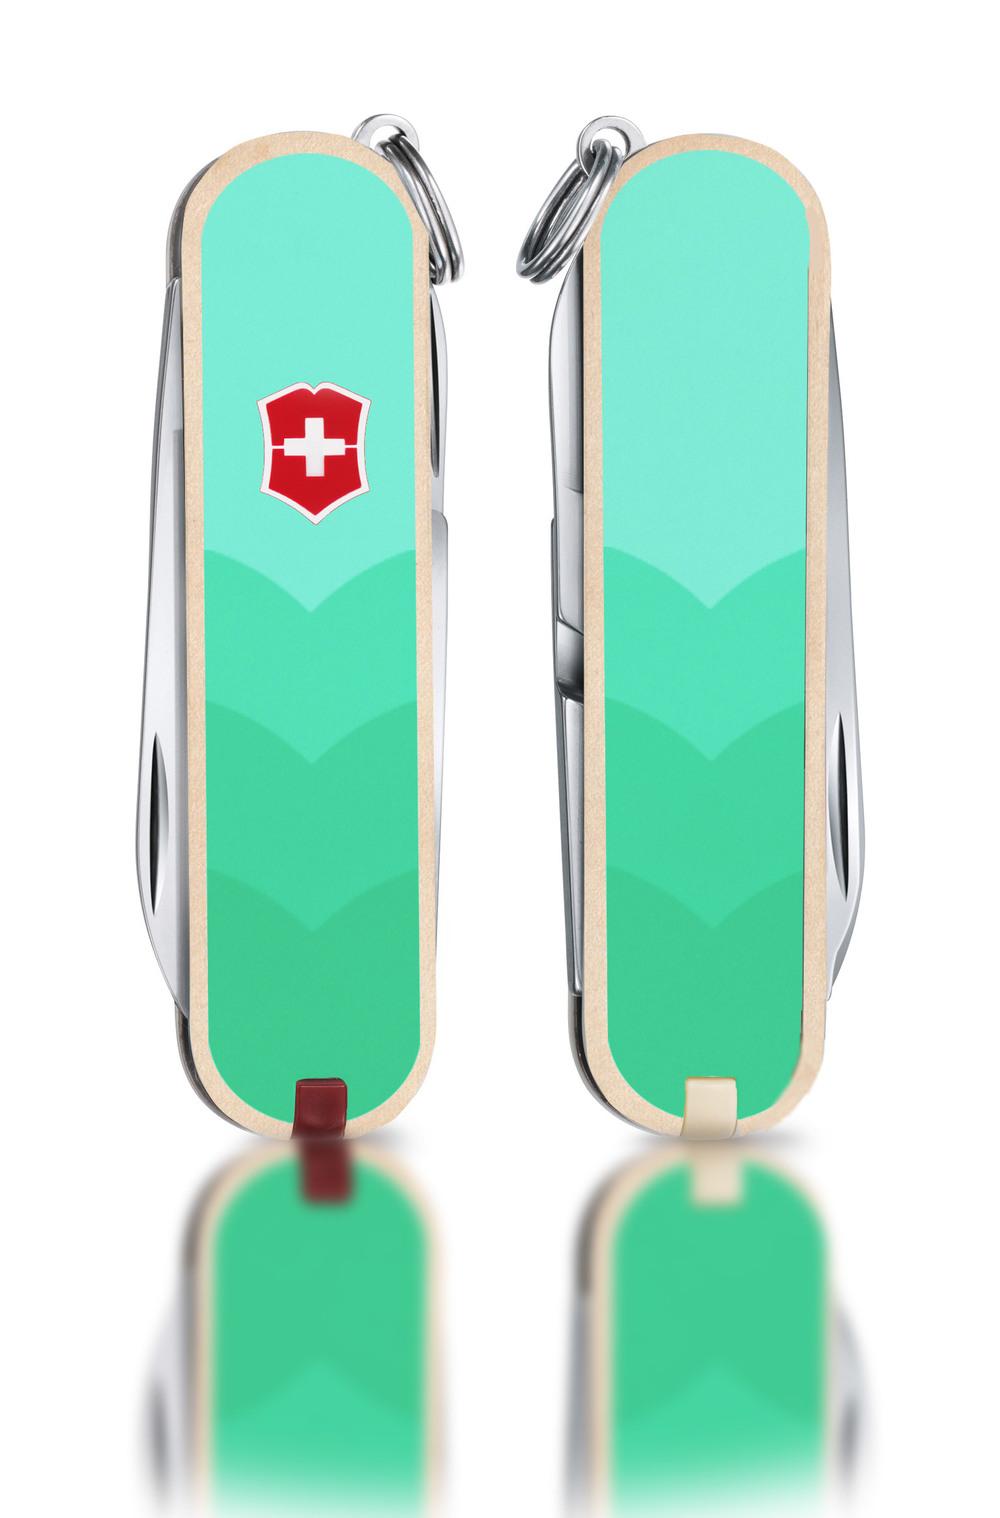 Jovoto Swiss Emblem Your Swiss Army Knife 2013